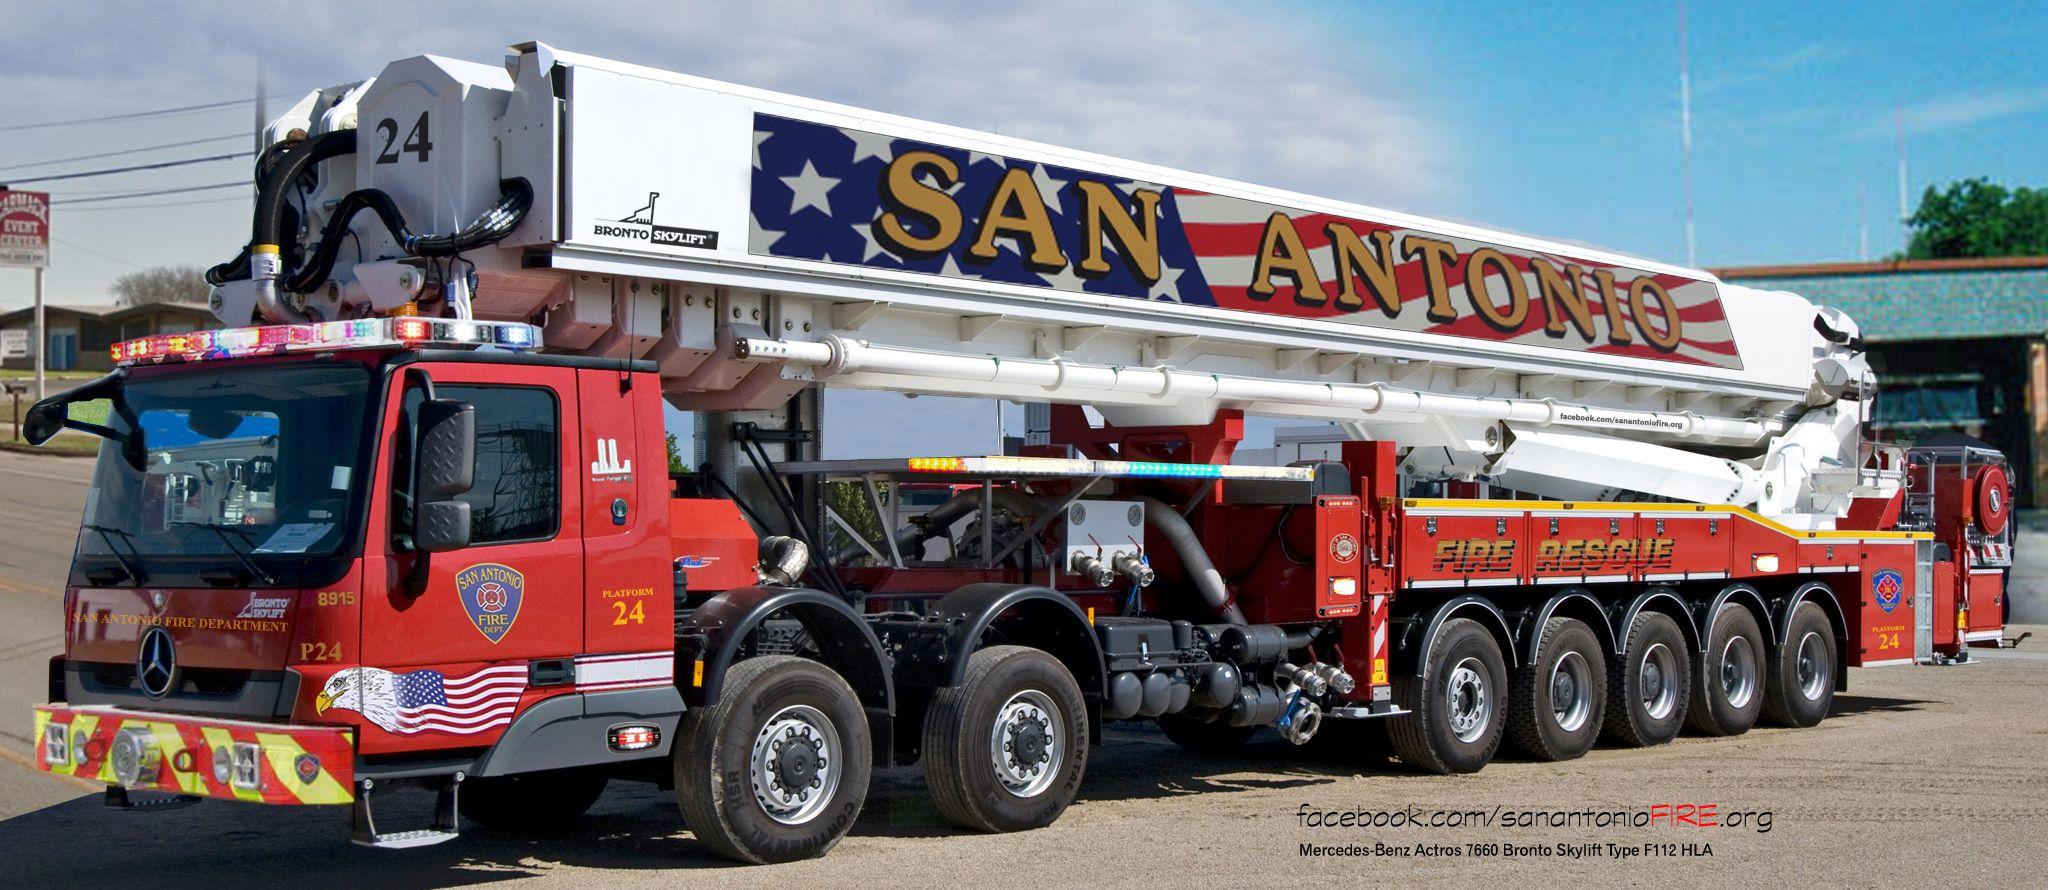 инструкция на пожарный автомобиль аа